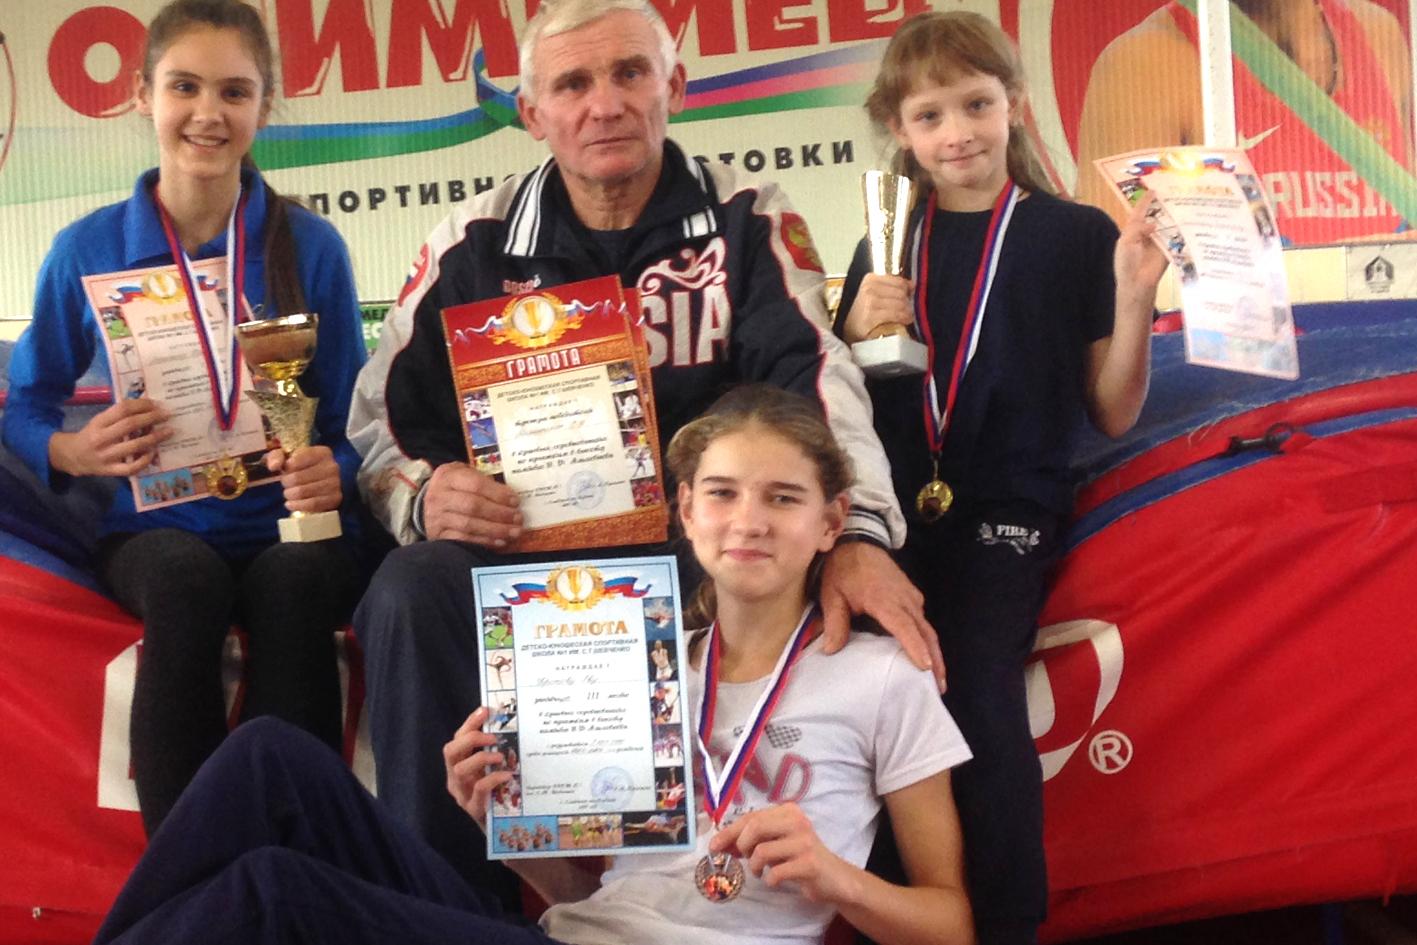 Абинские спортсменки победили в краевых соревнованиях